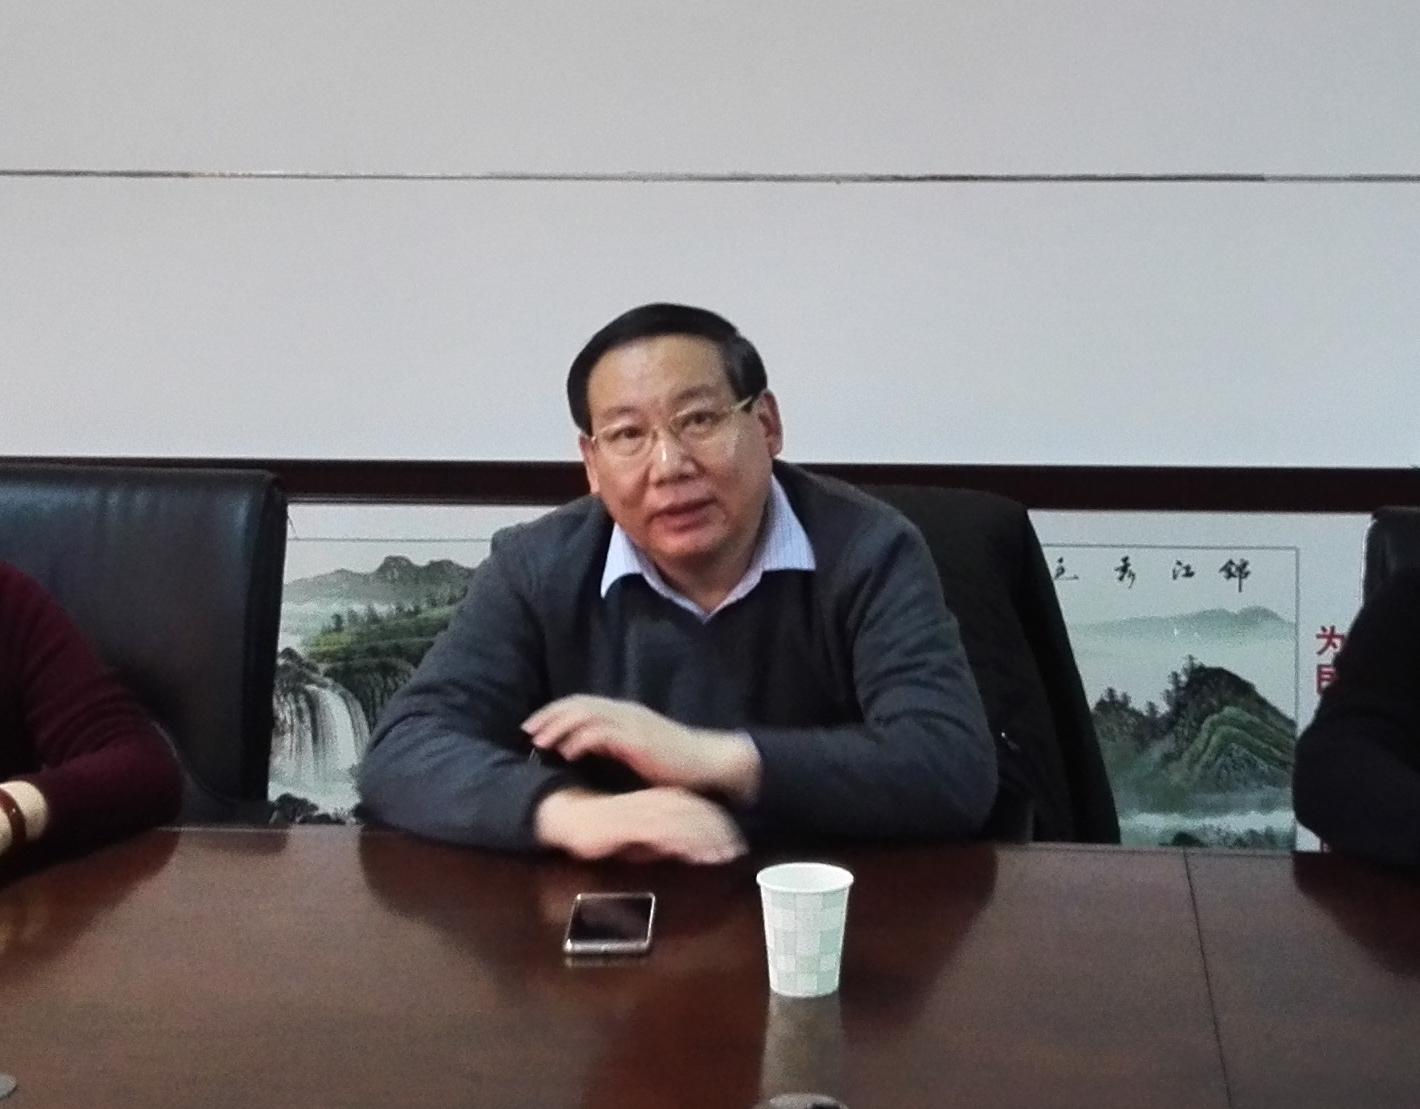 教育局_市教育局领导到郑州市幼教发展中心宣布干部任命